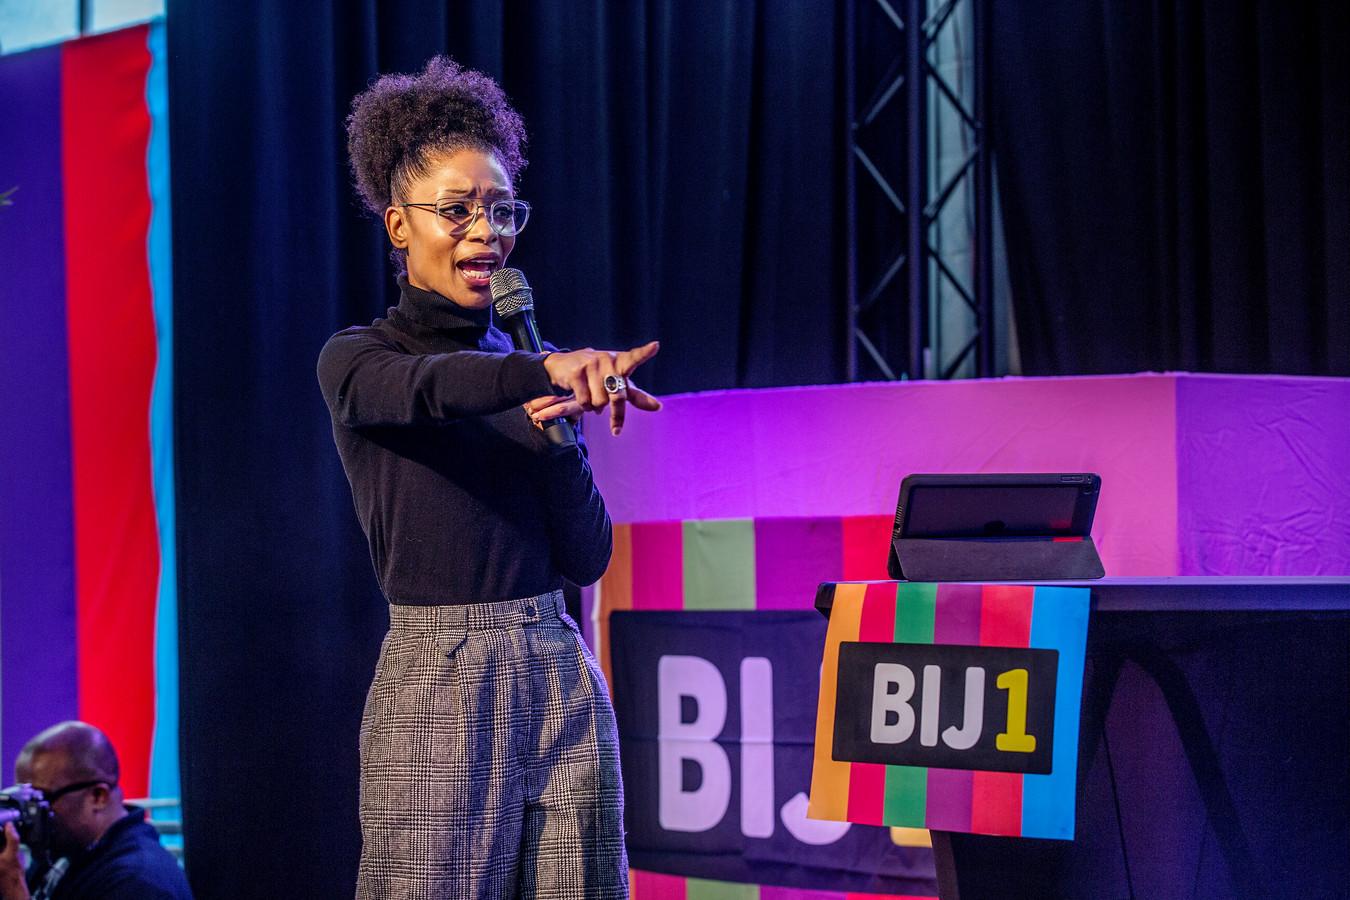 Sylvana Simons maakte vanmiddag tijdens de campagneaftrap van Bij1 bekend dat zij weer lijsttrekker wil worden.